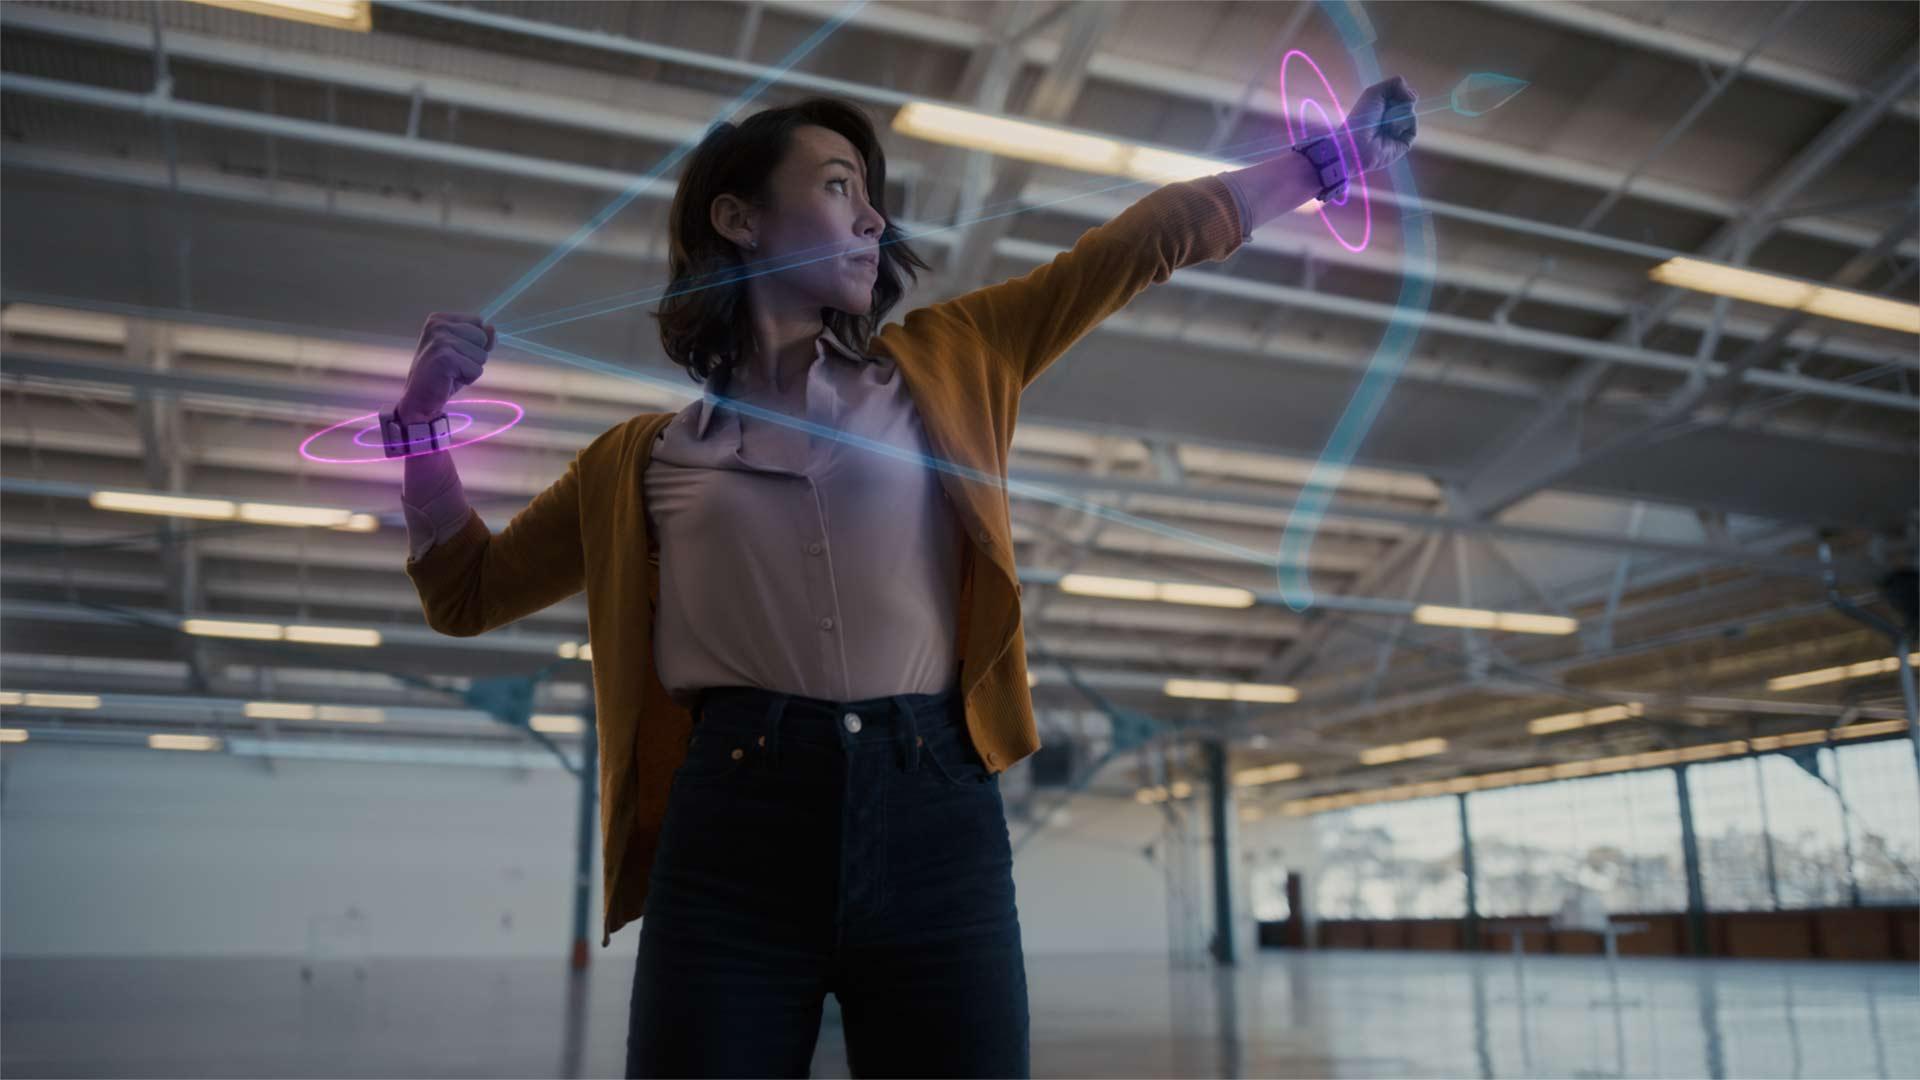 Réalité augmentée : comment Facebook veut mettre votre poignet au centre de tout